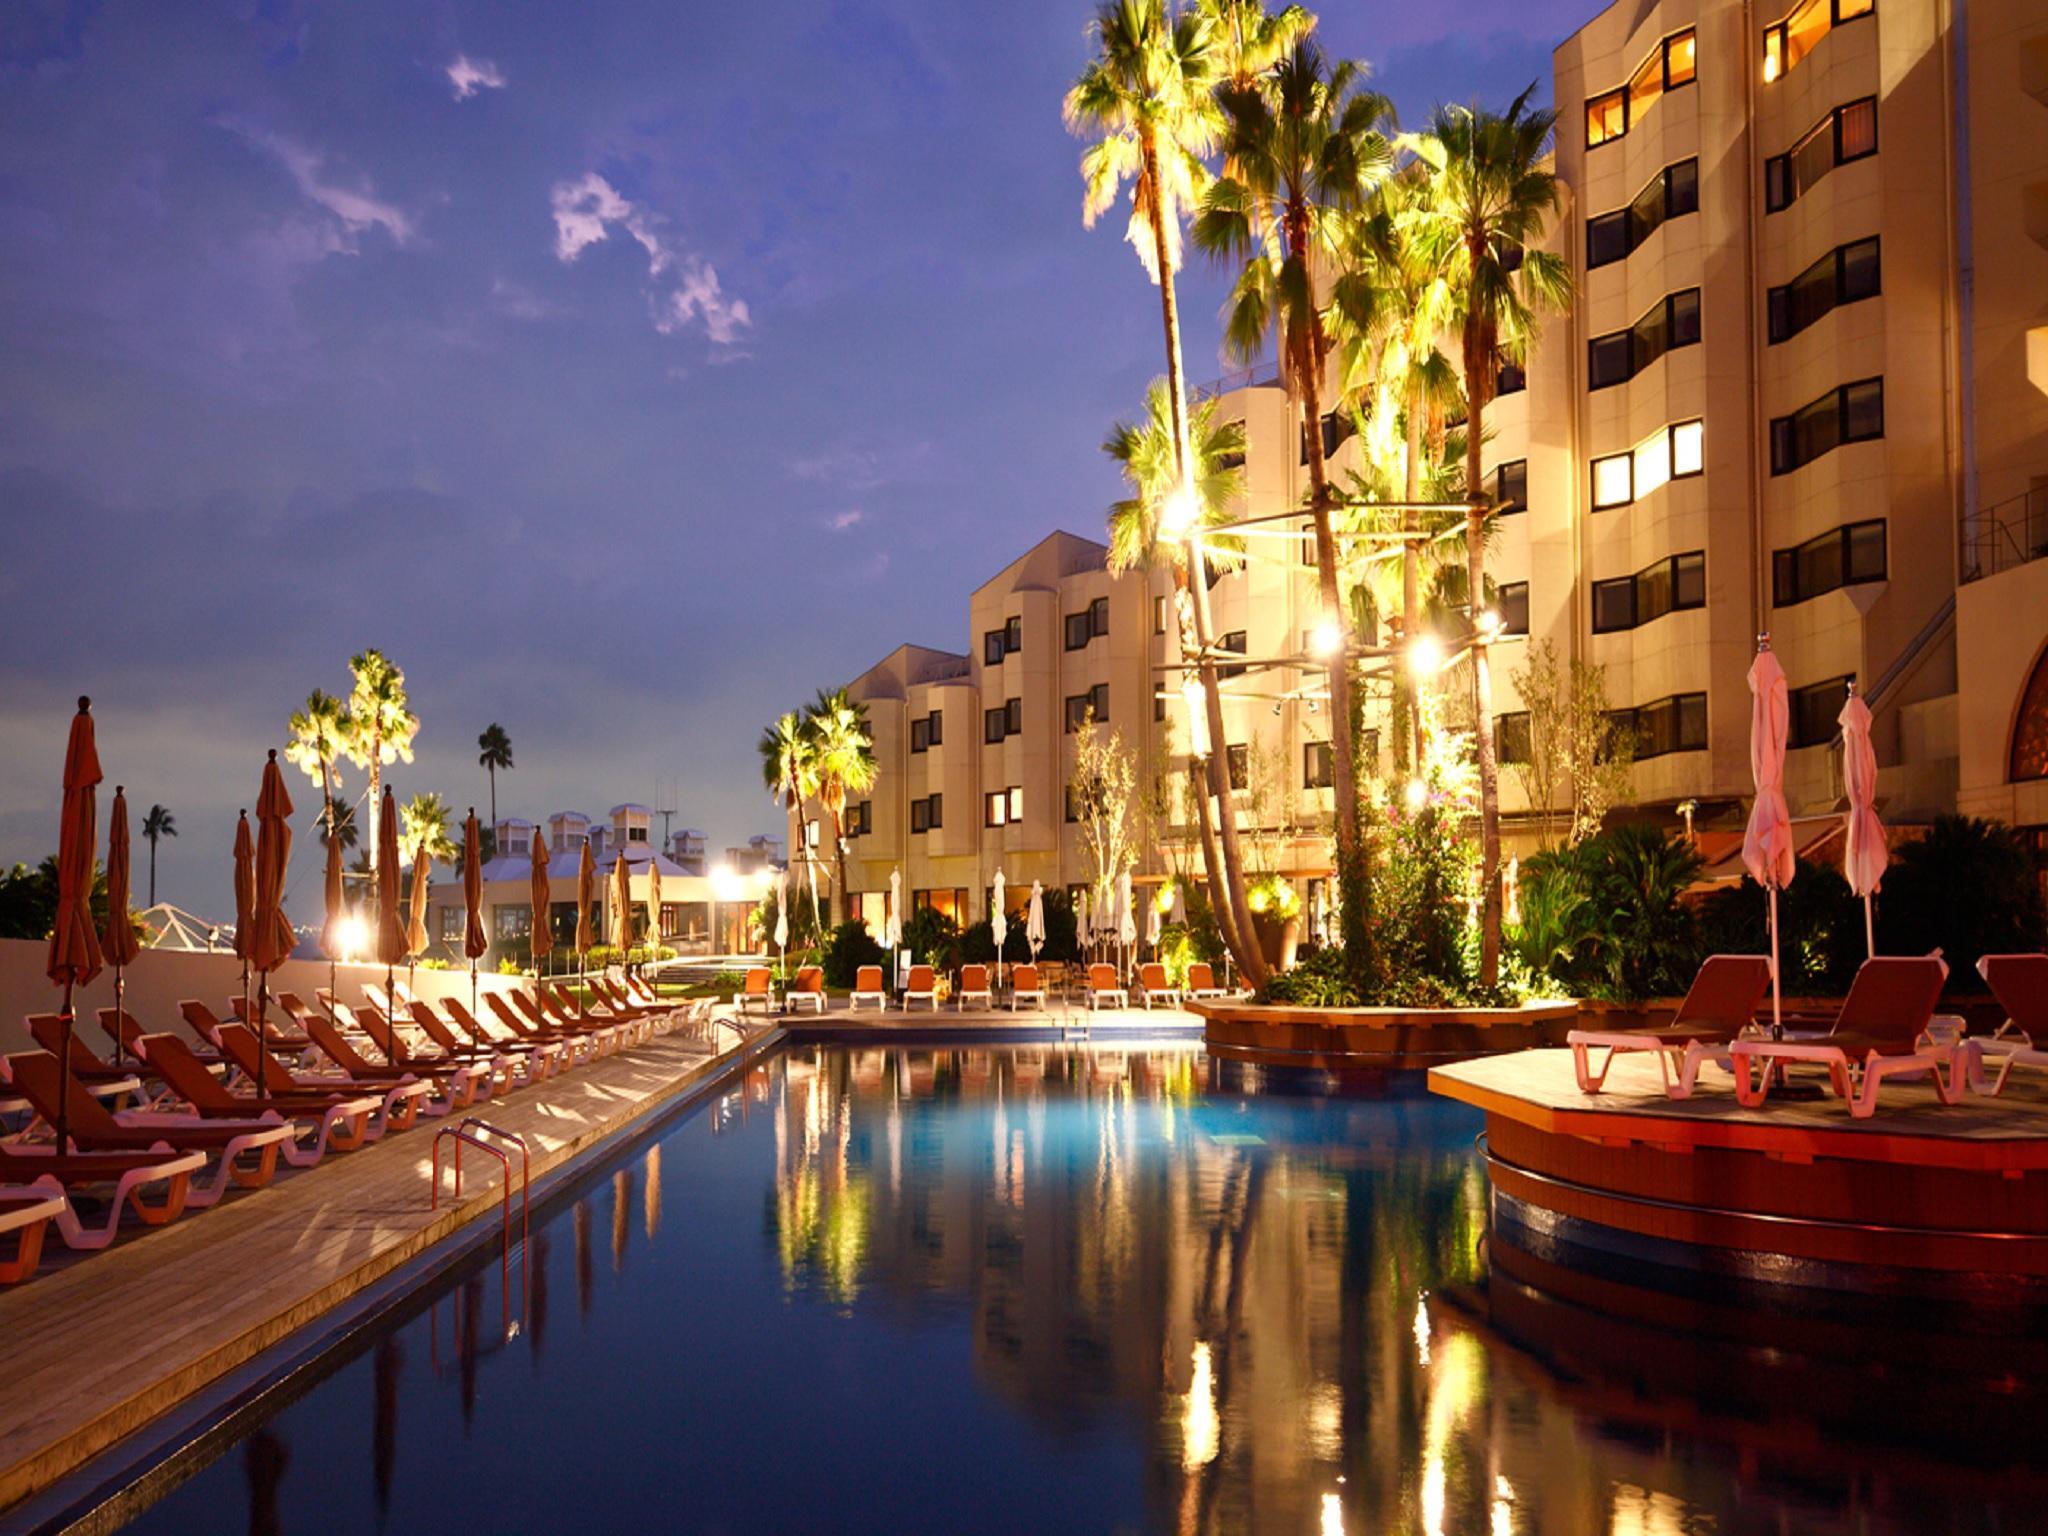 The Luigans Spa & Resort 海之中道温泉度假酒店